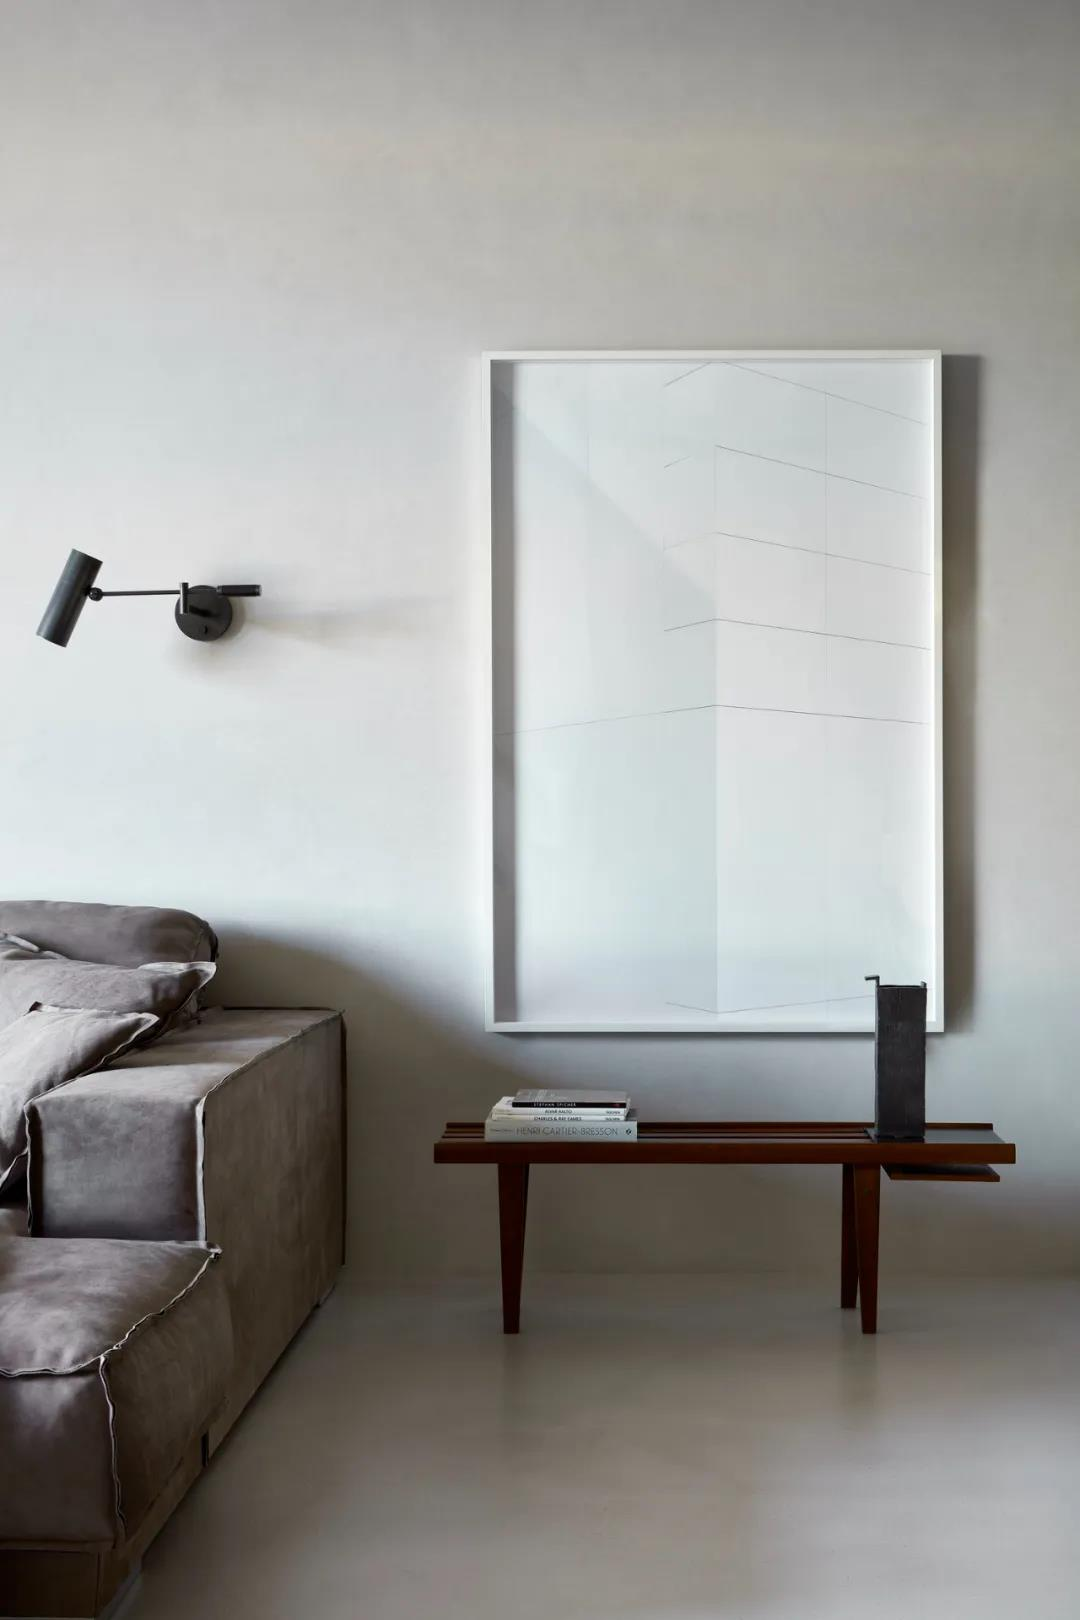 利用混凝土與木料的冷暖搭配室內設計